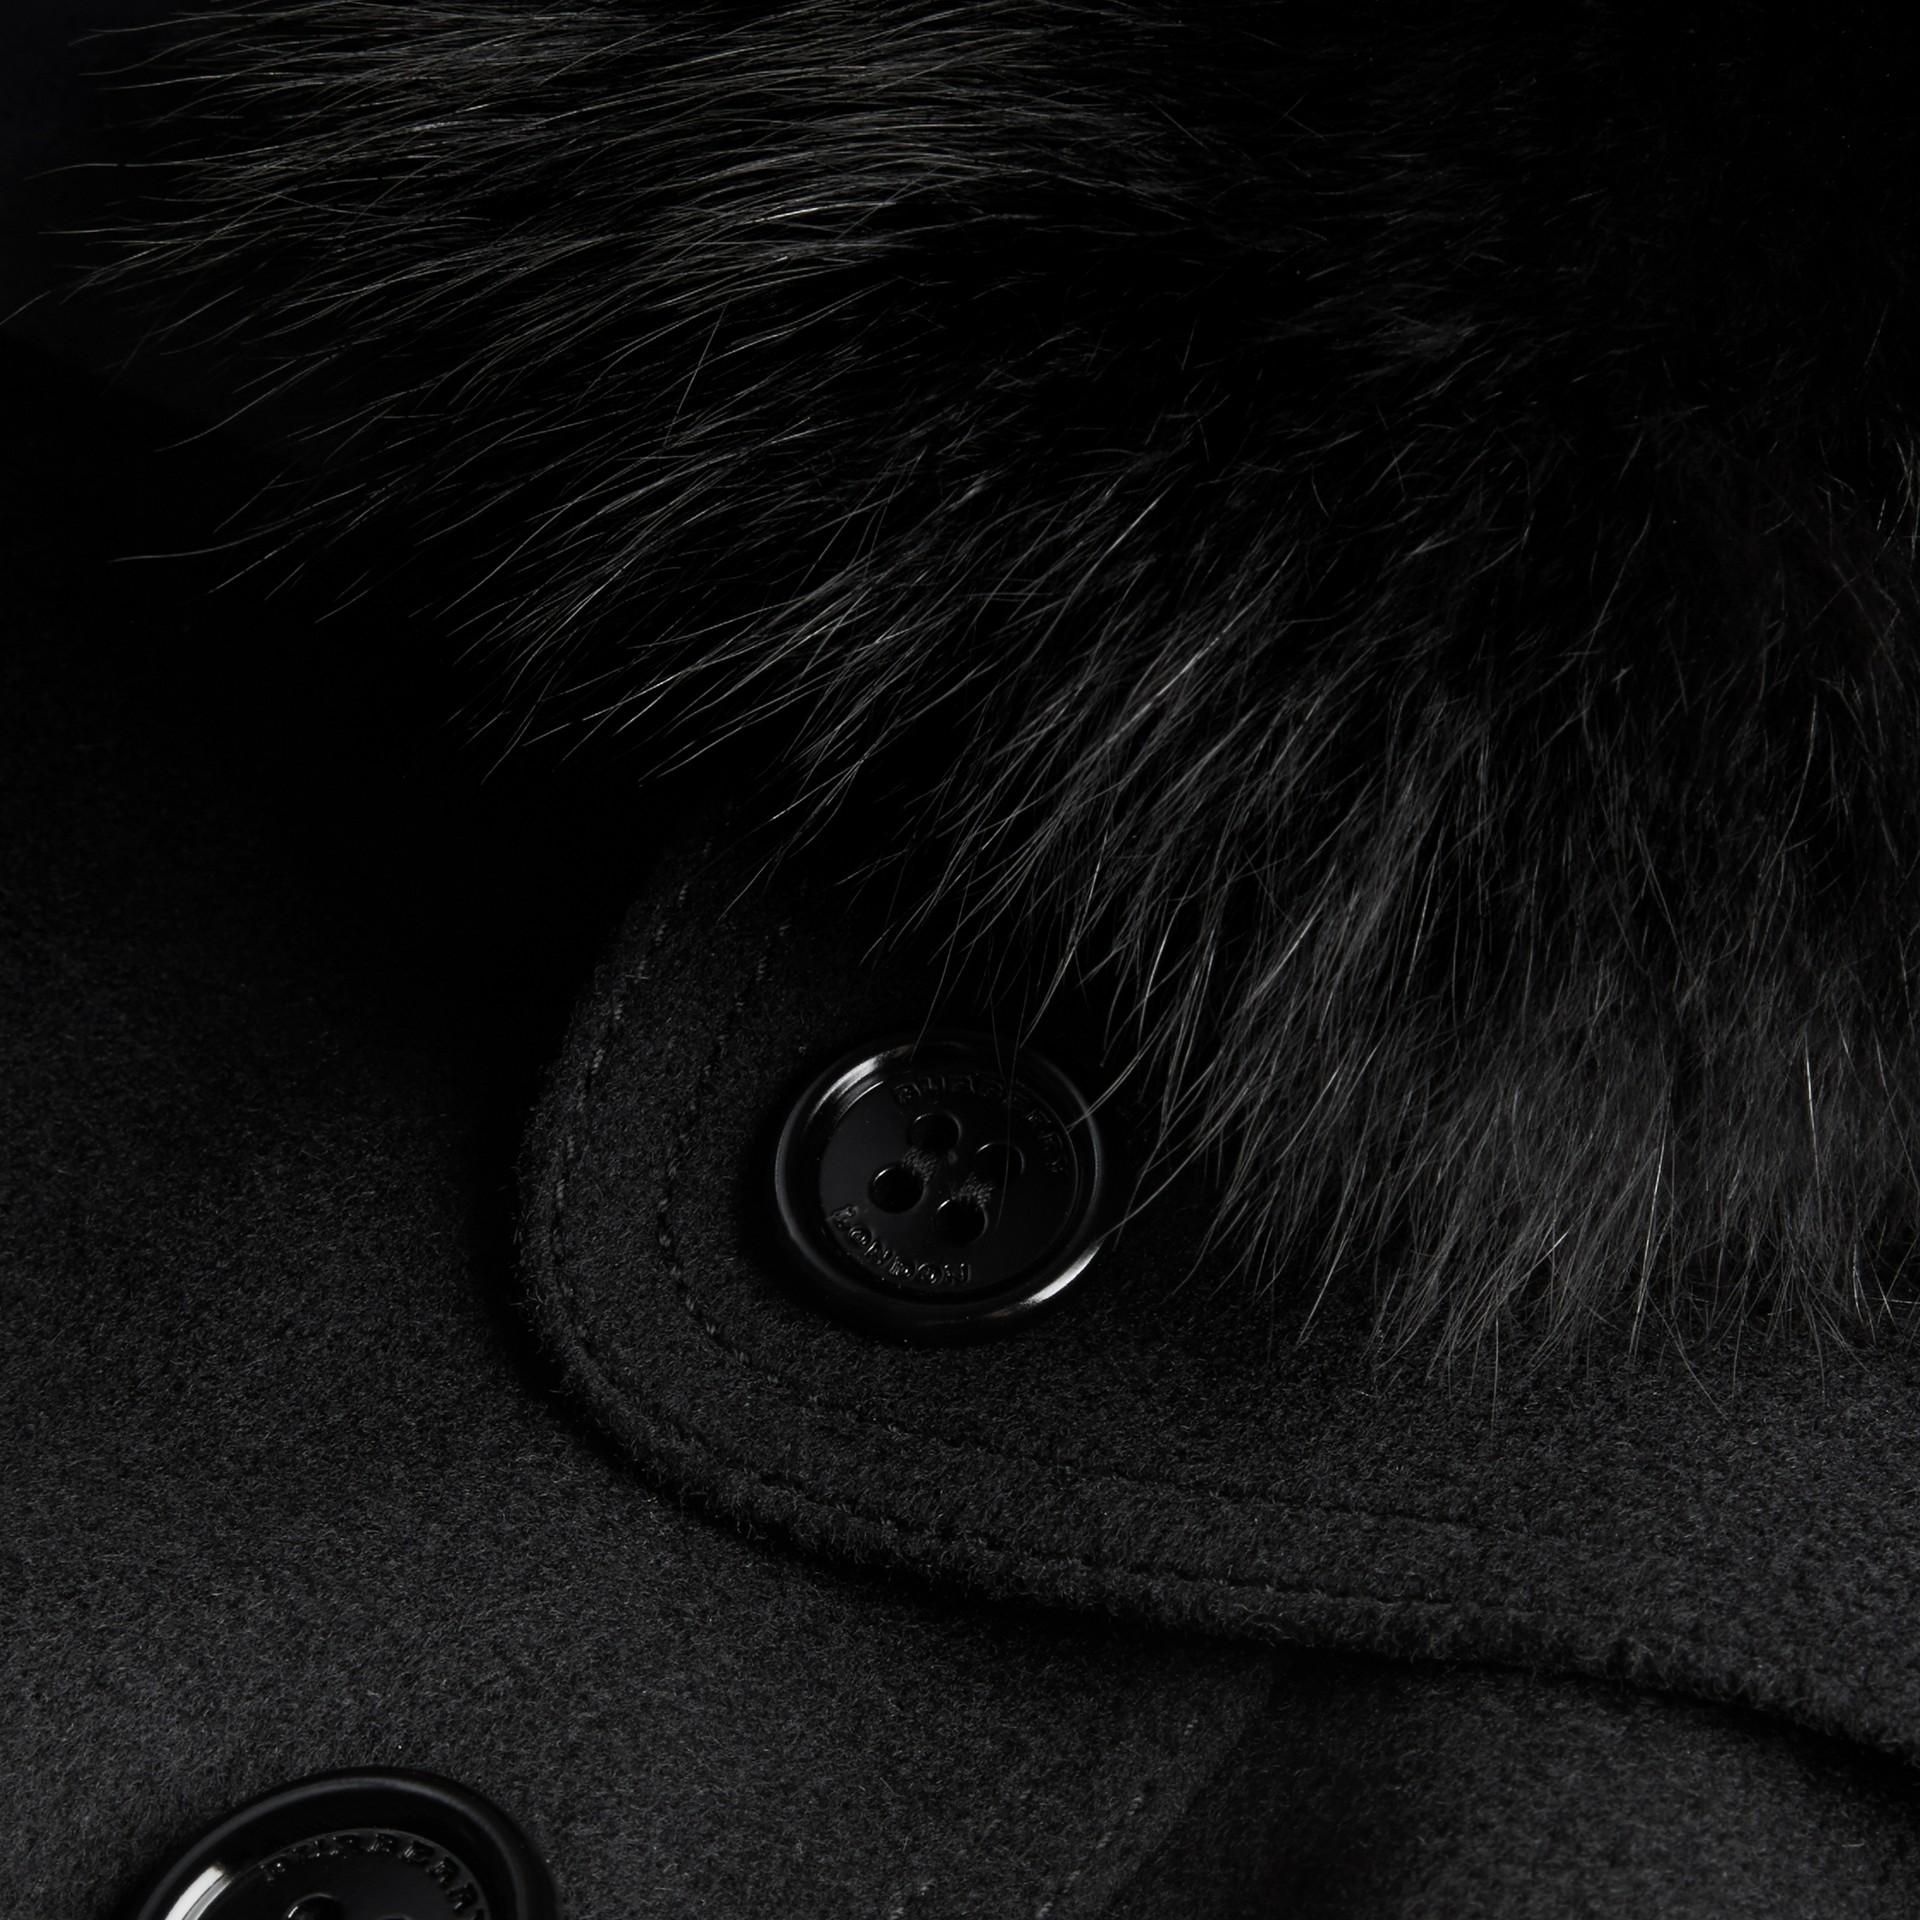 Nero Trench coat in lana e cashmere con collo in pelliccia di volpe Nero - immagine della galleria 2